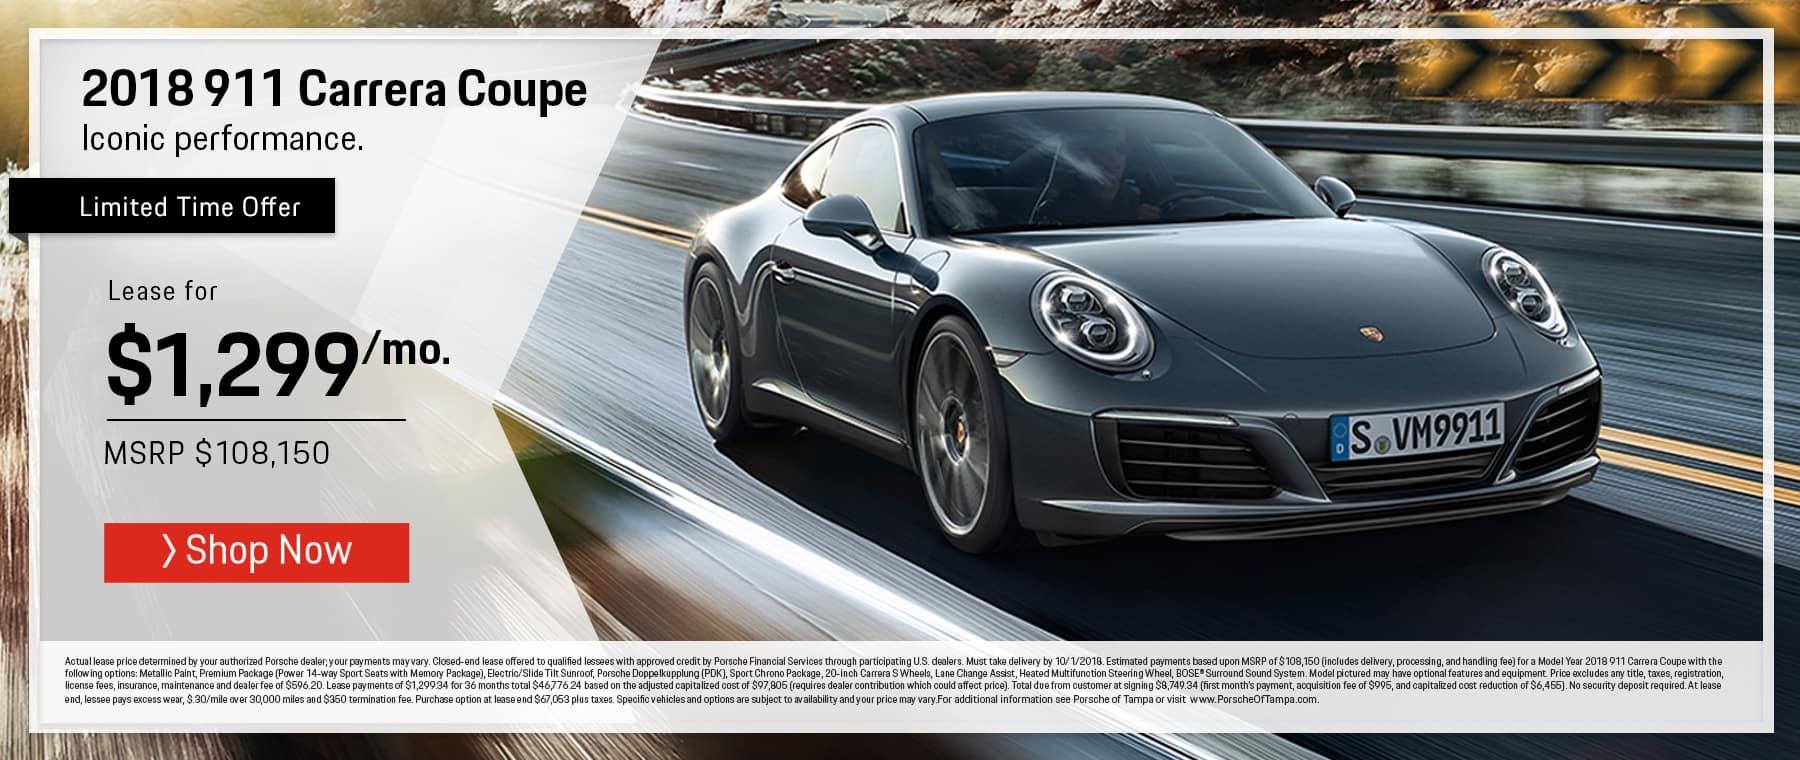 2018 Porsche 911 Lease Offer